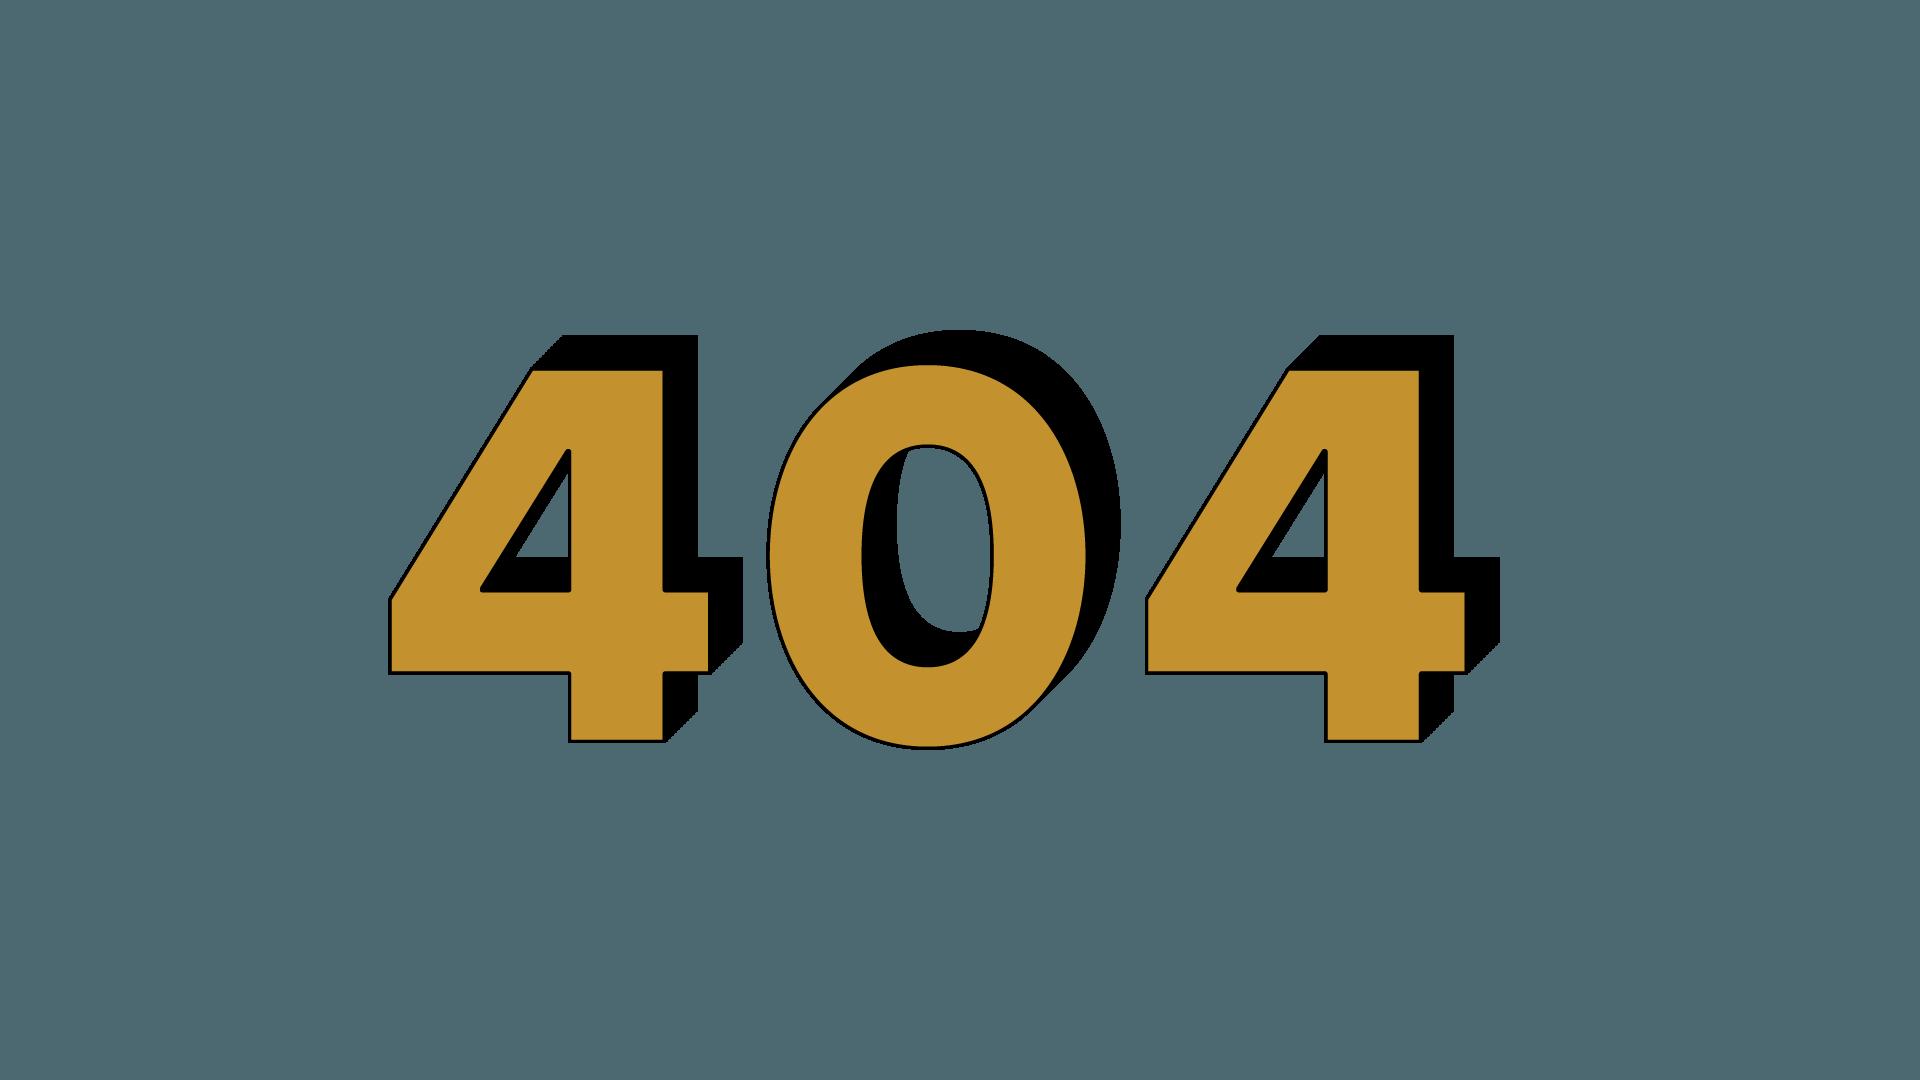 404_Artboard 1-8.png